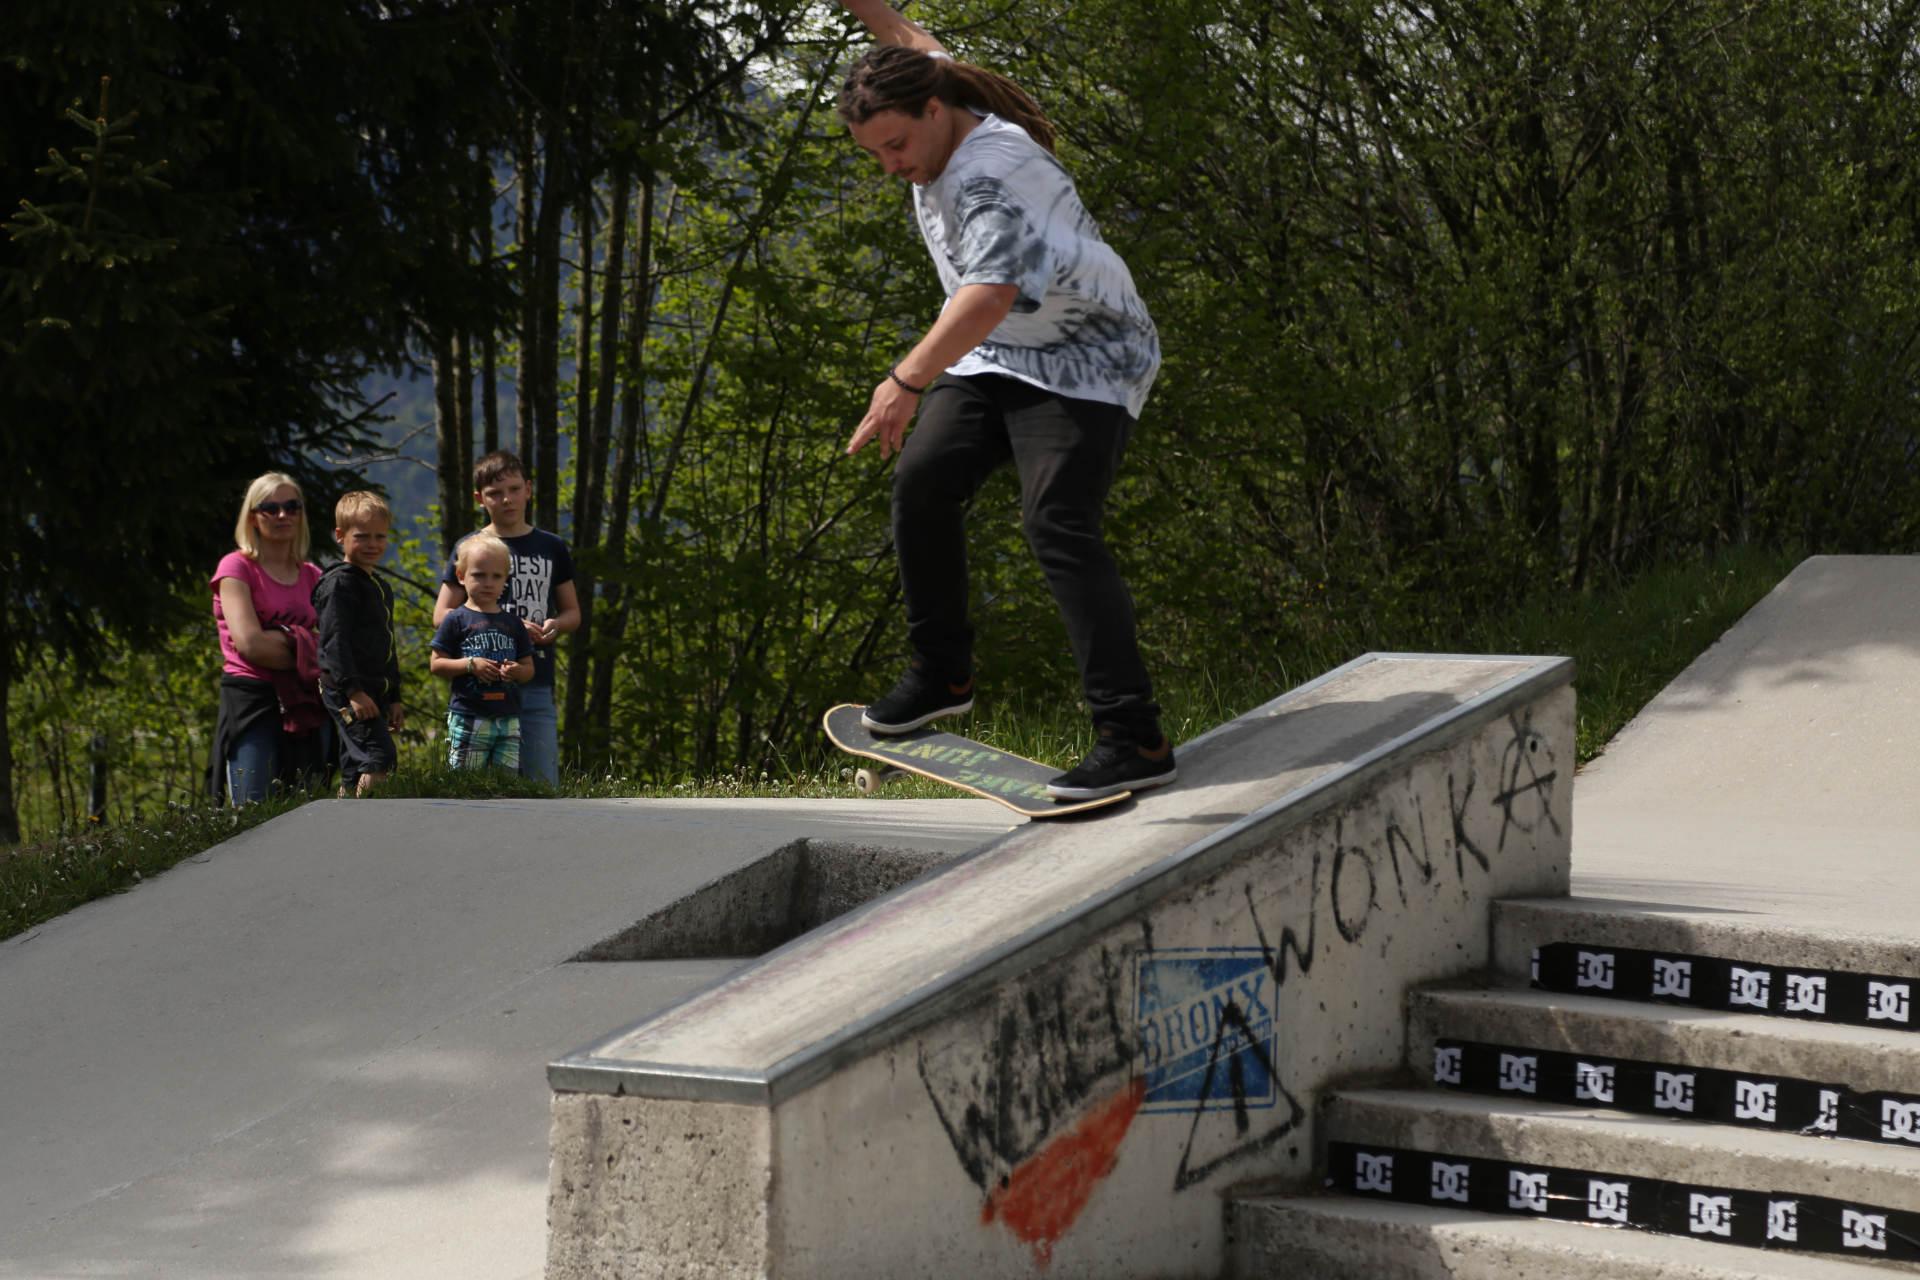 skateboard headz fieberbrunn kgt kitz gau trophy 2019 saalfelden hell00054